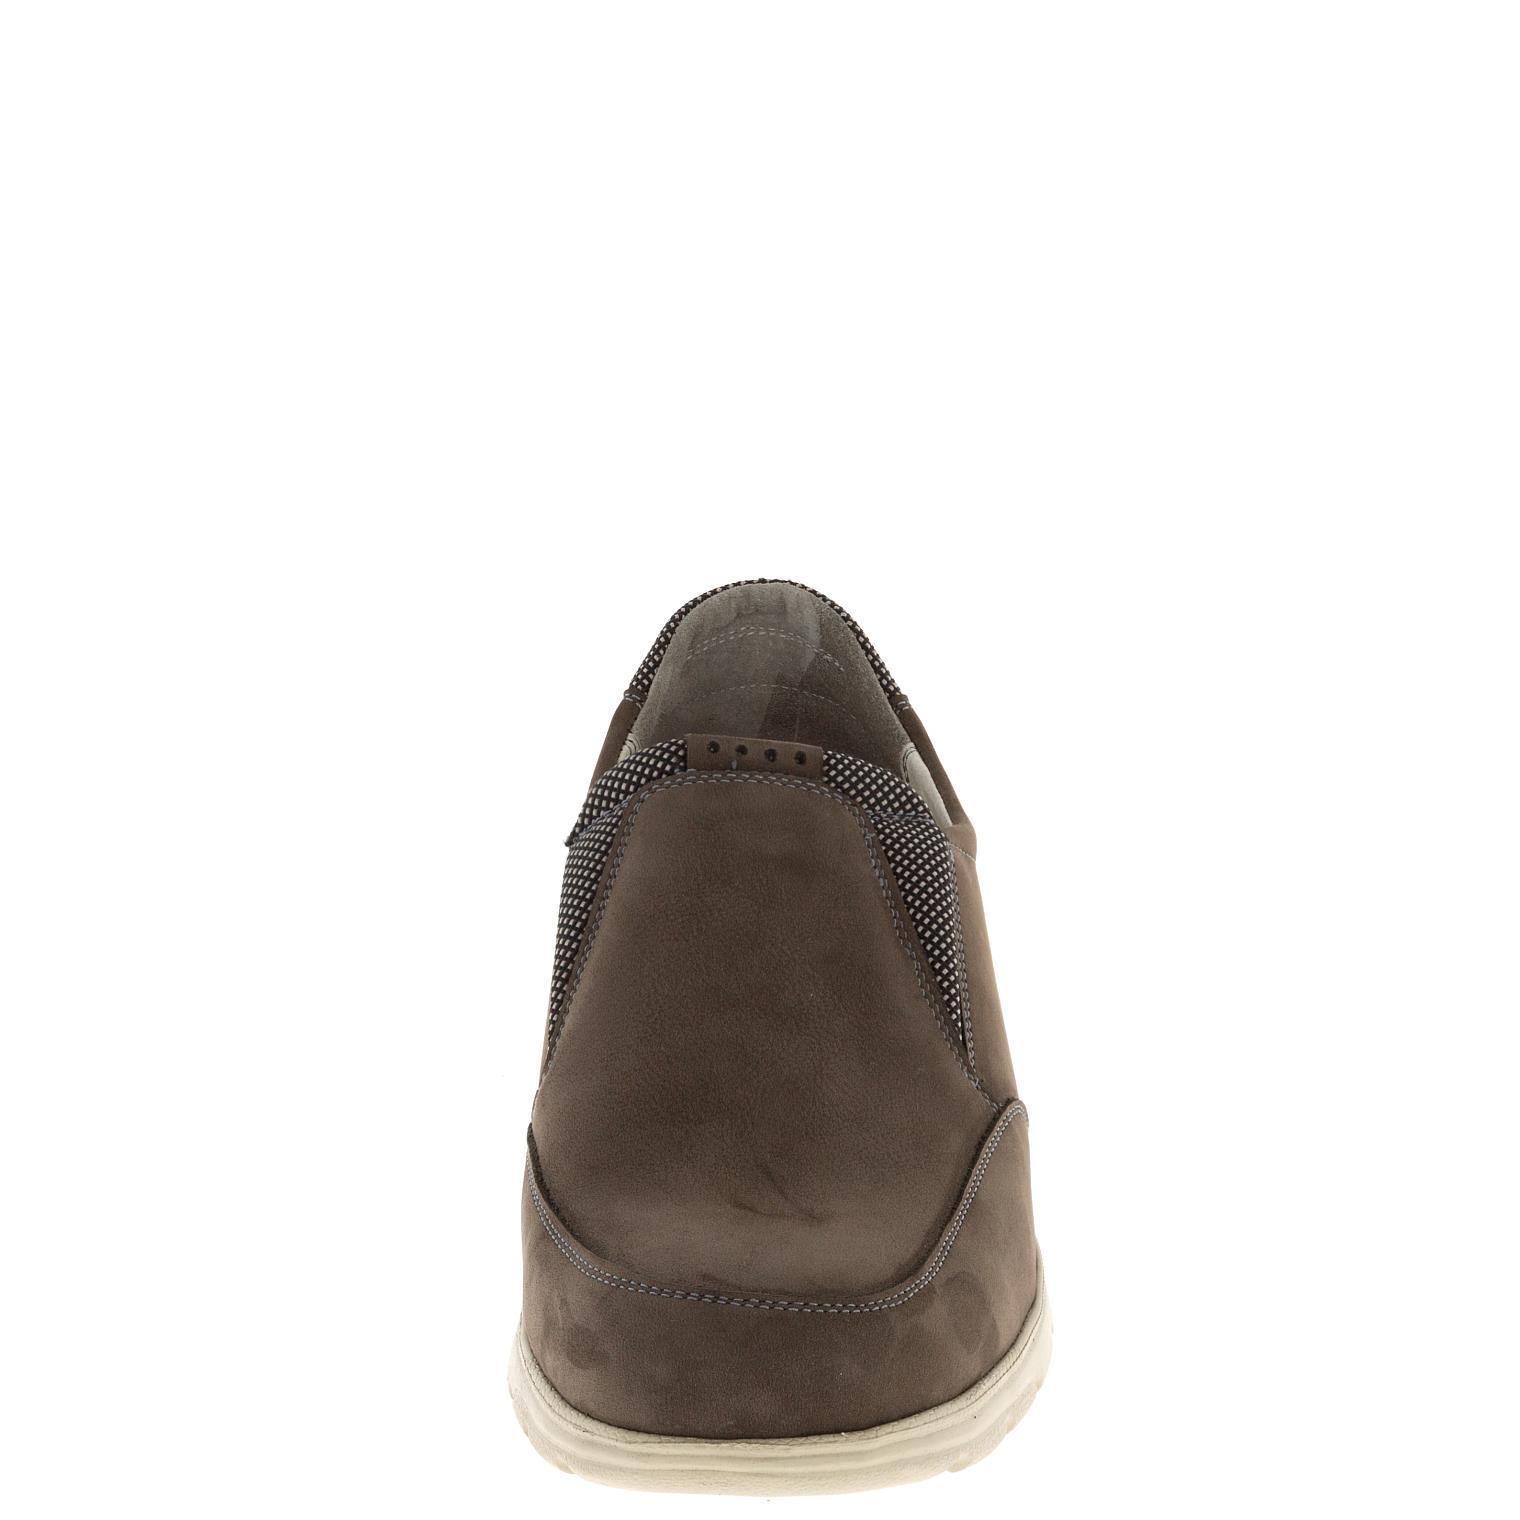 581385 полуботинки мужские коричневые больших размеров марки Делфино